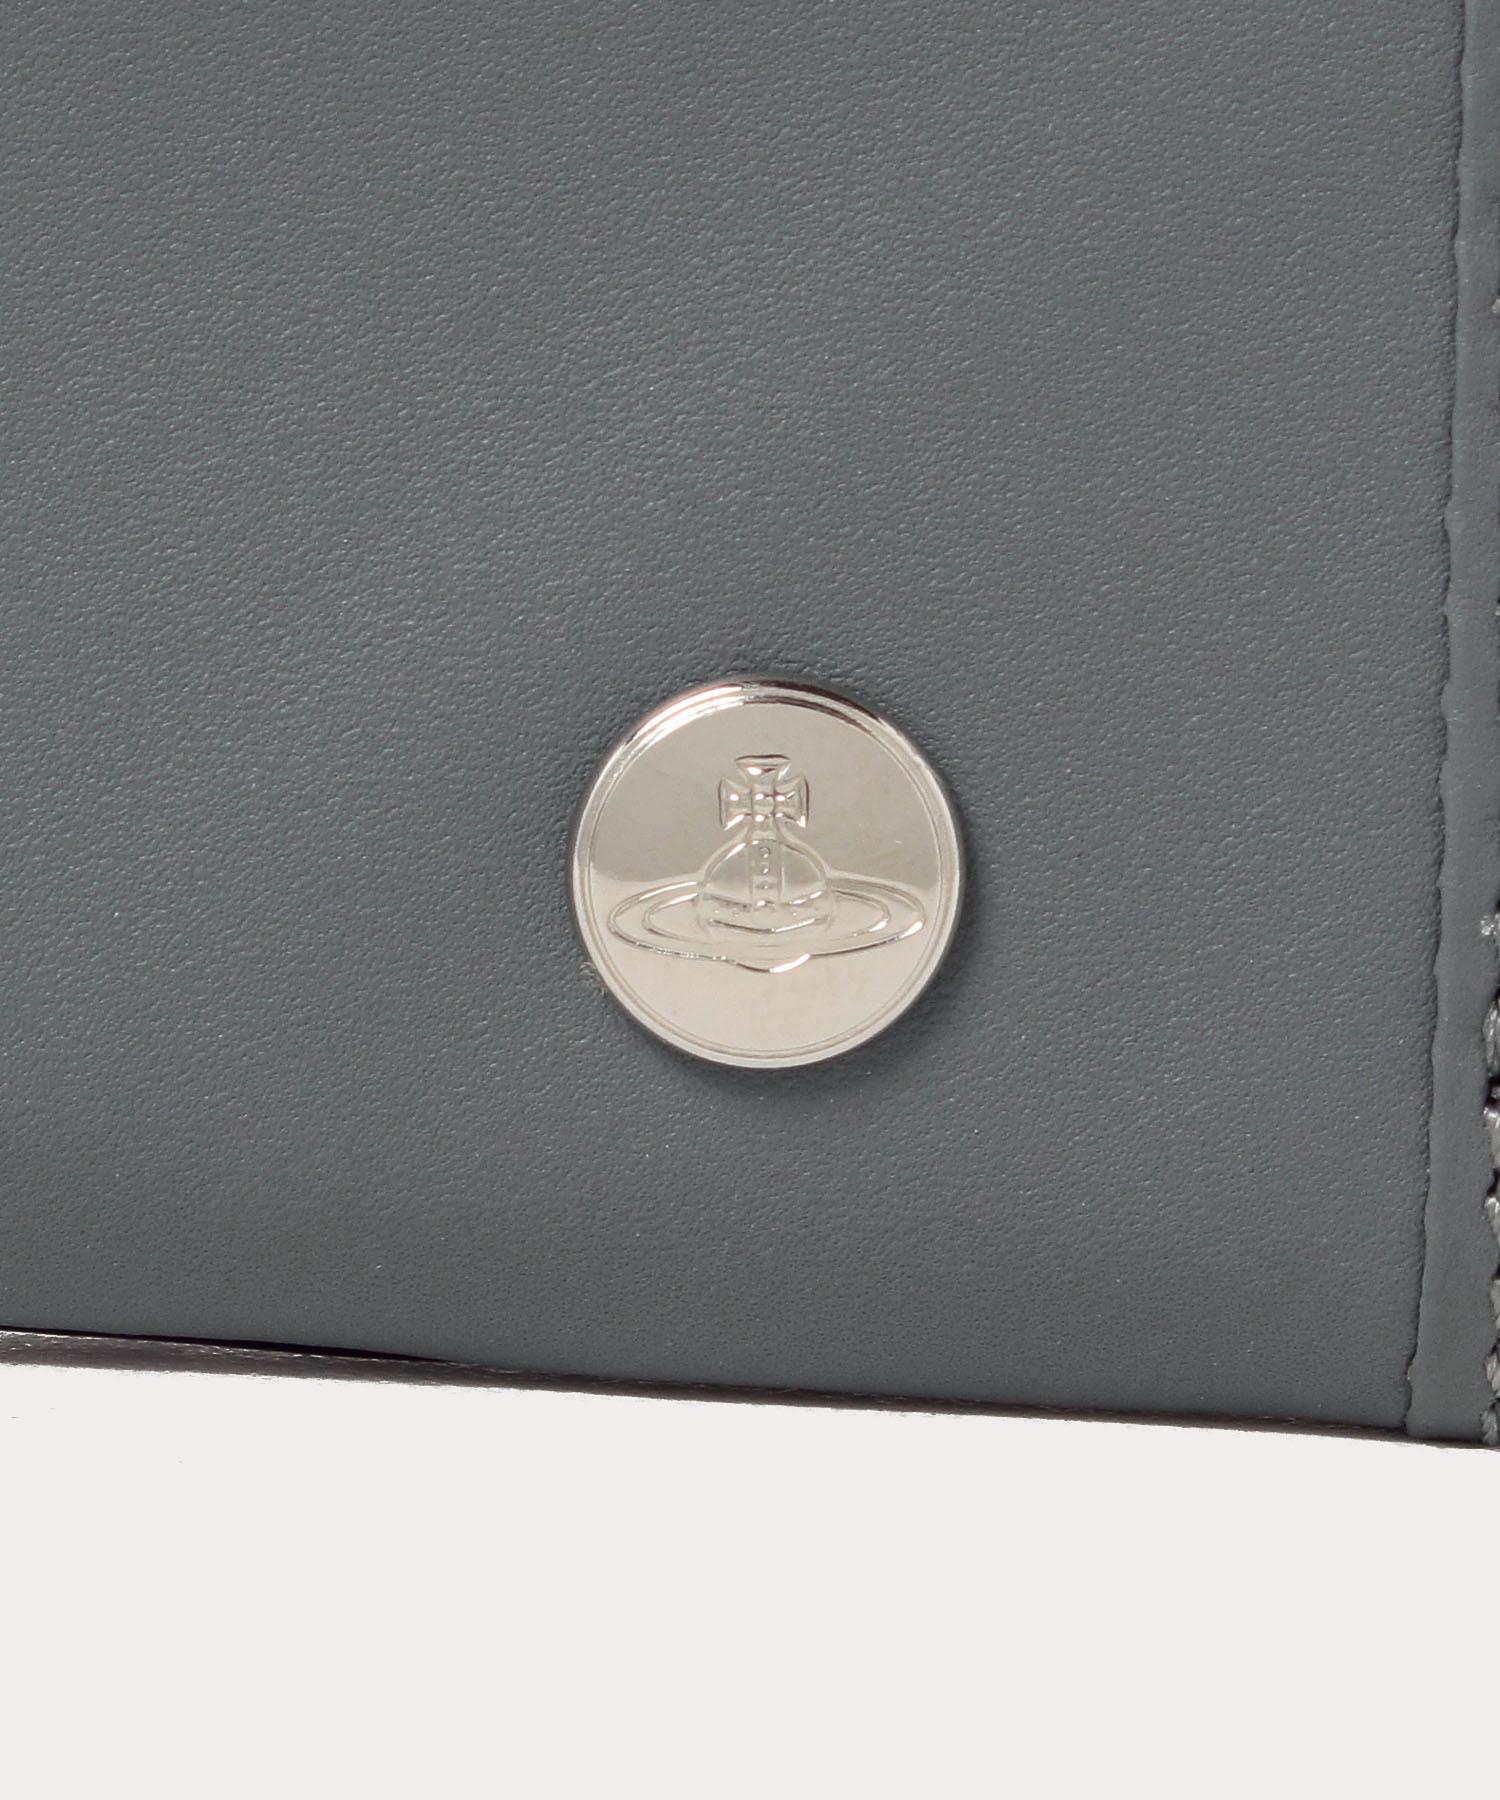 ホログラム 小銭入付キーケース